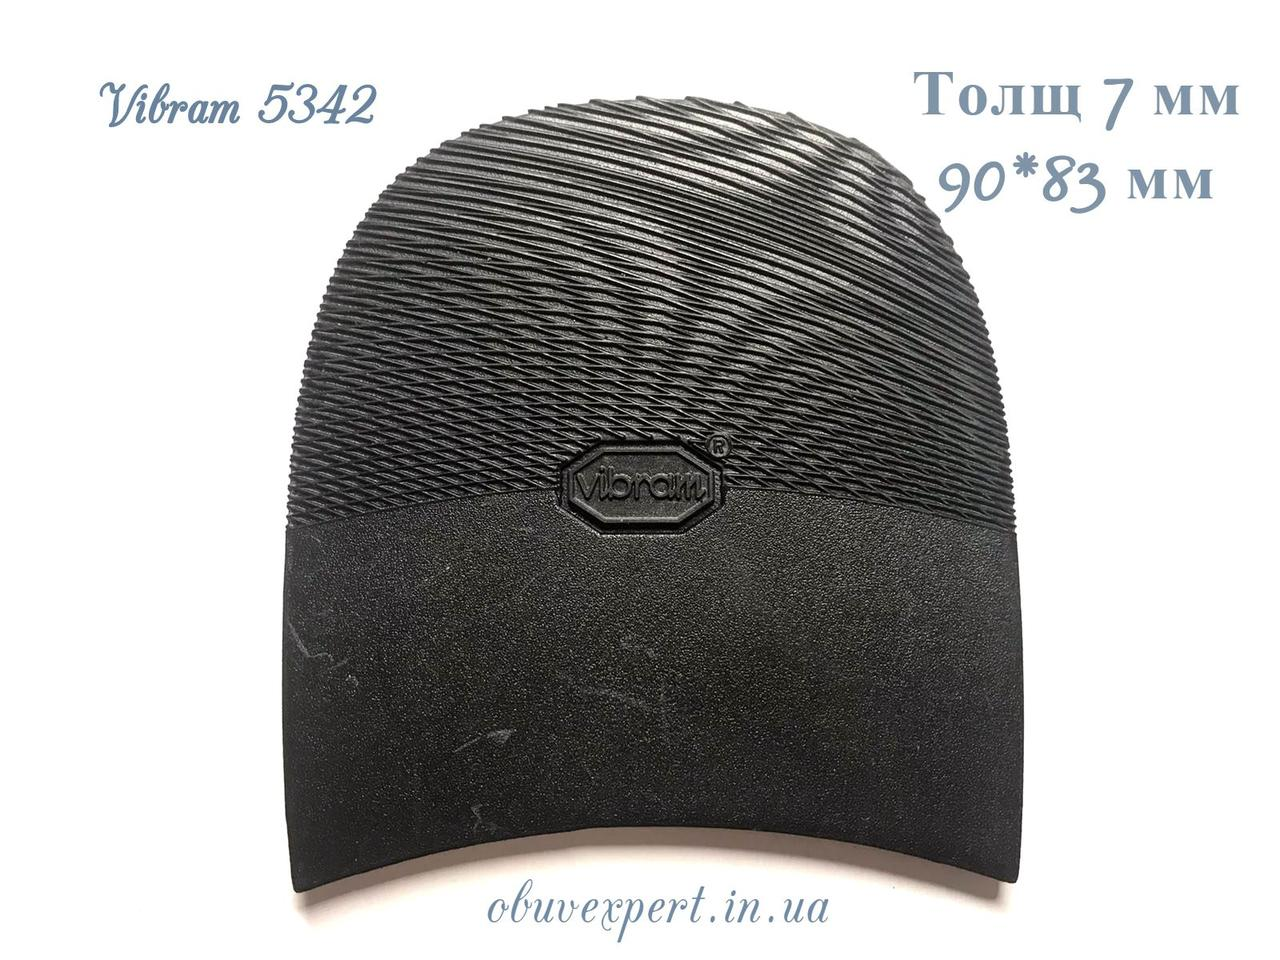 Набойка Vibram 5342 ARIEL TACCO р. 10, тощ. 7 мм, цв. черный